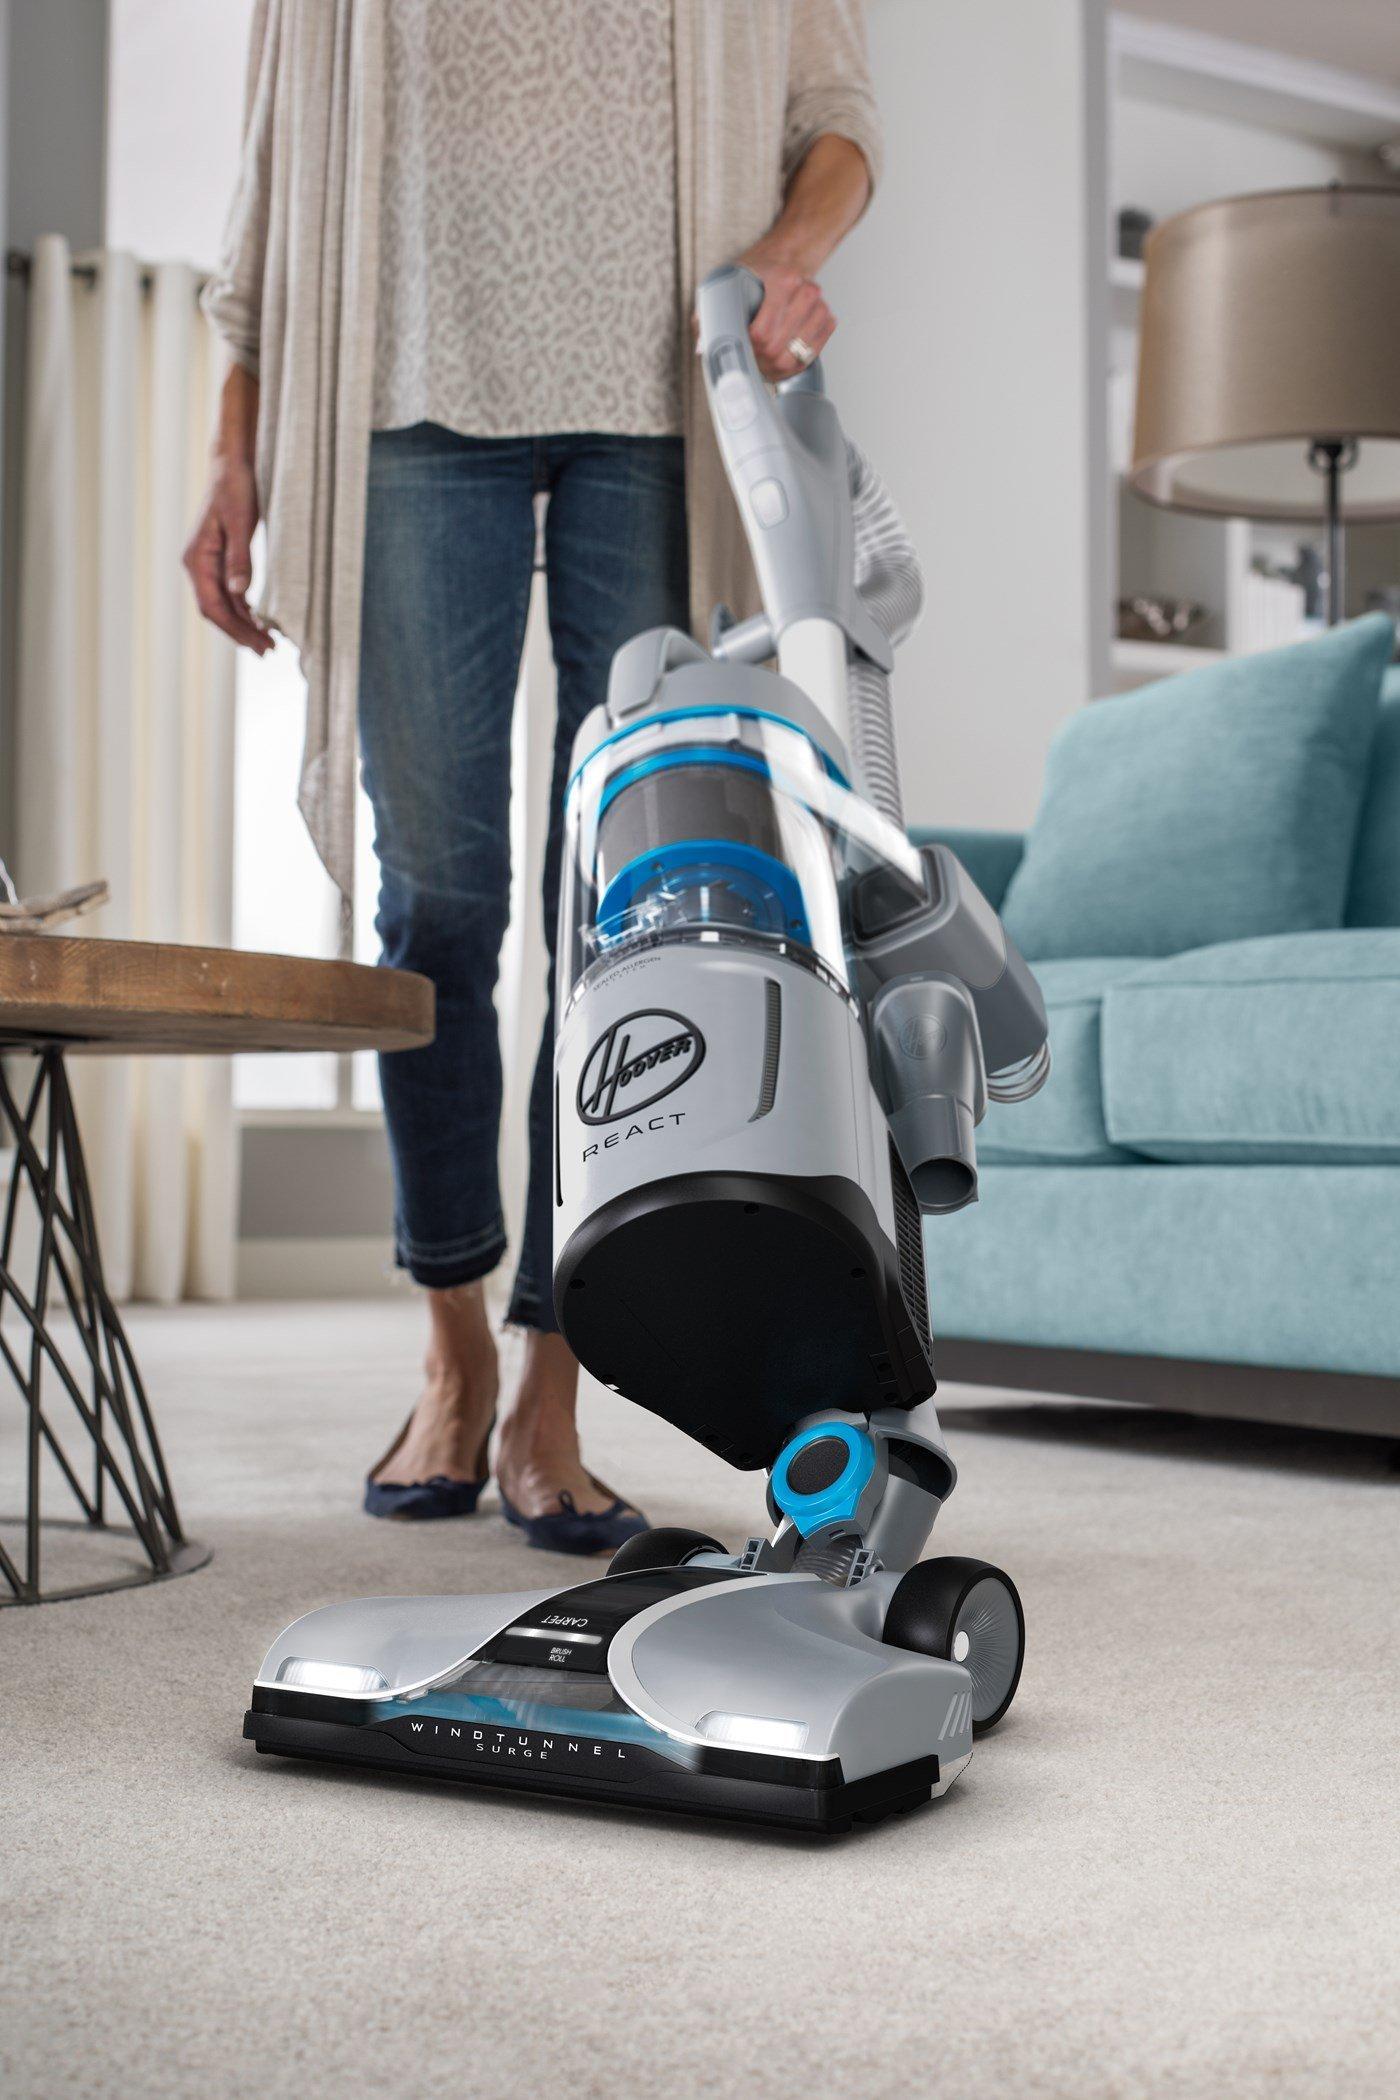 REACT QuickLift Pet Upright Vacuum4